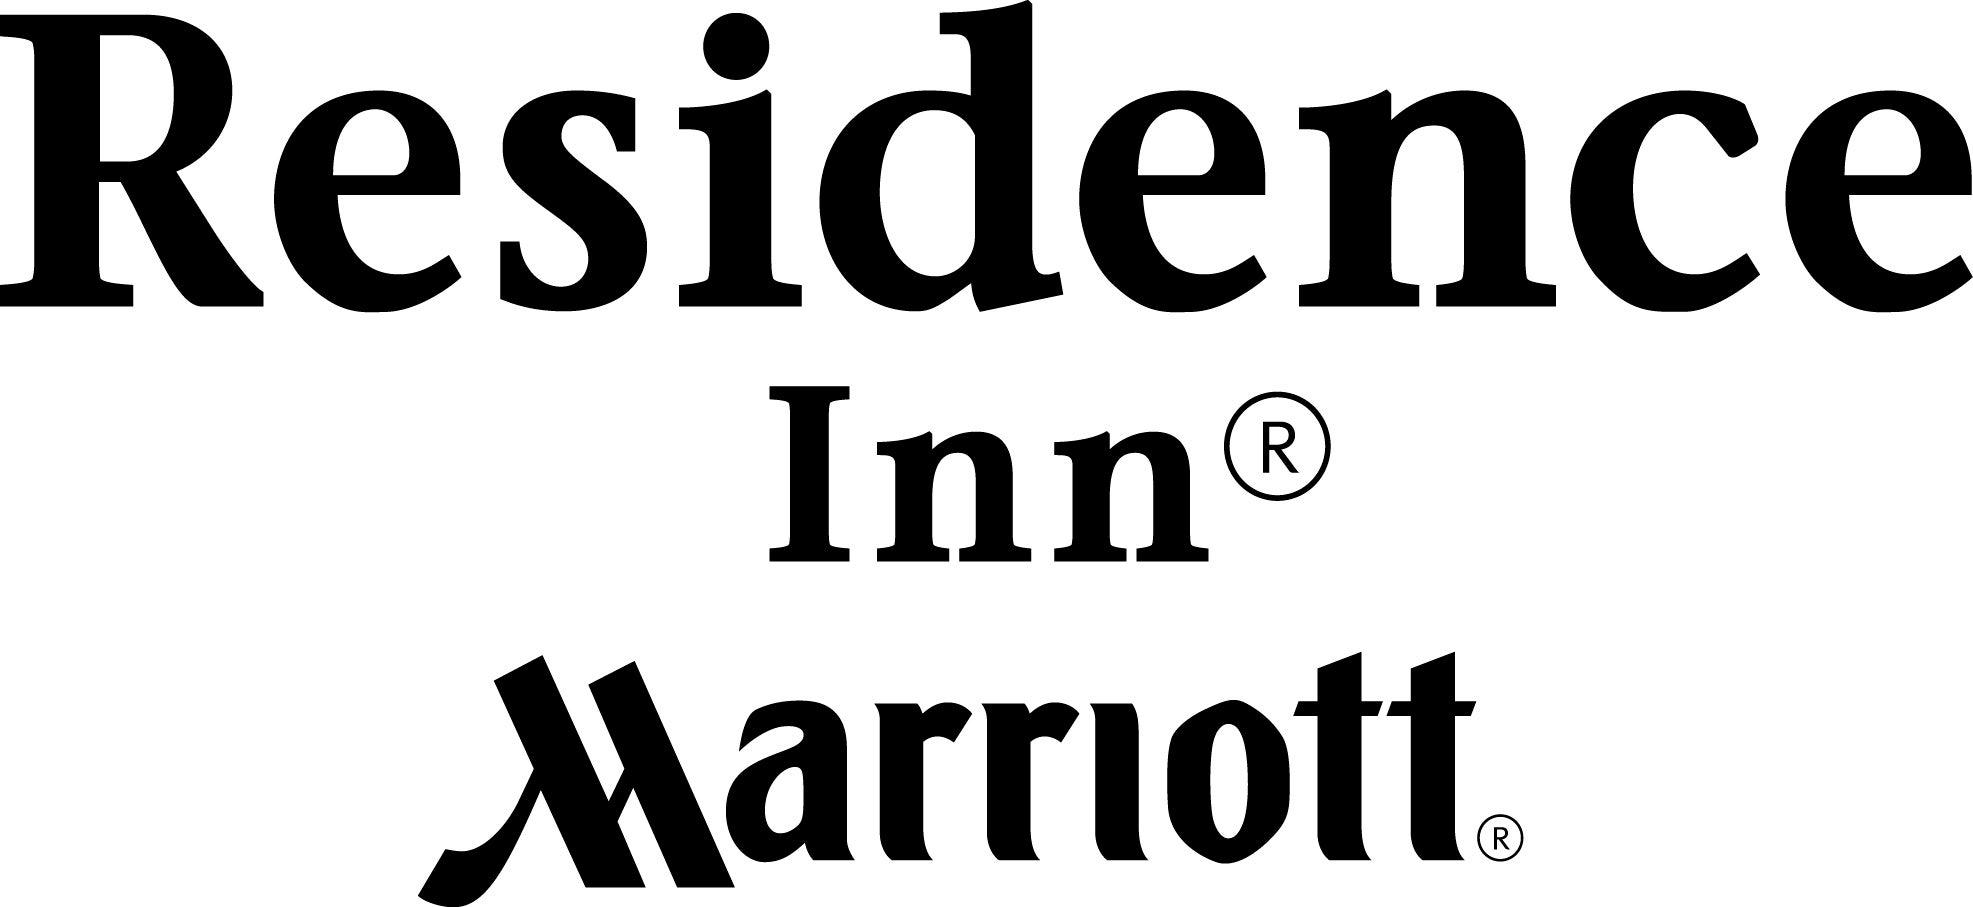 Riverside Inn logo.jpg